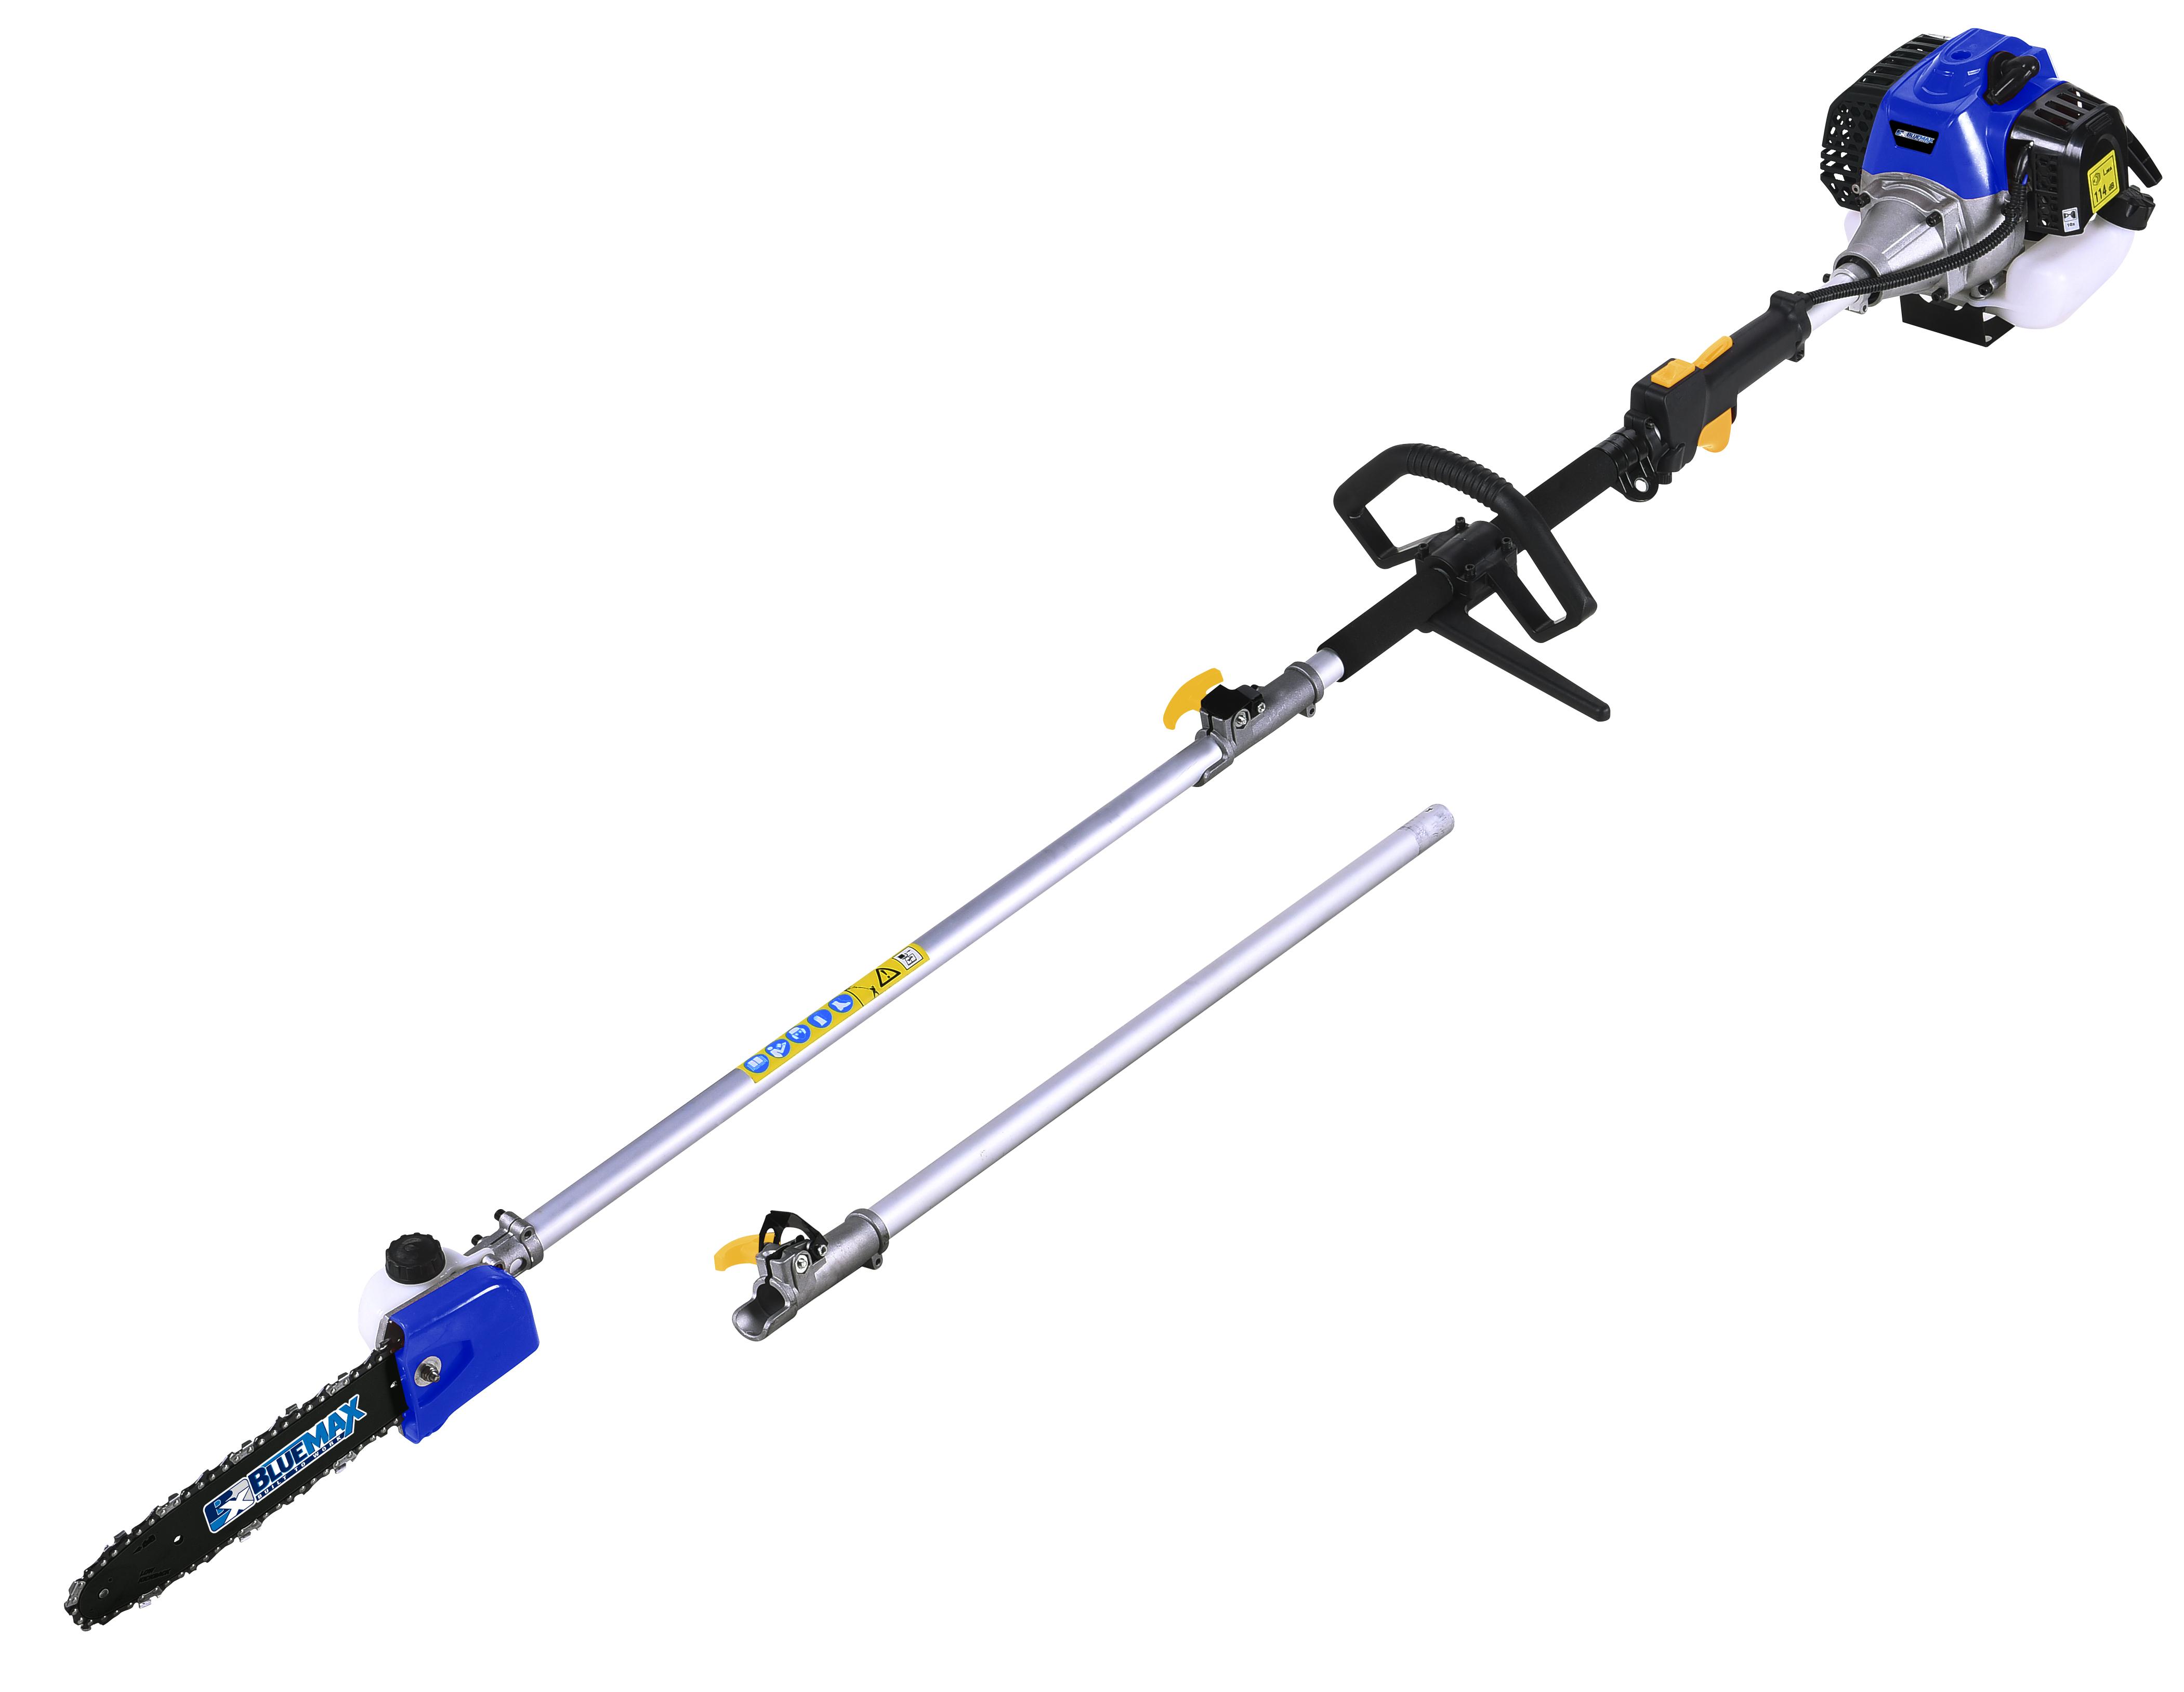 Blue Max 32.6 cc Gas Gas Pole Saw Chainsaw Pruner 10